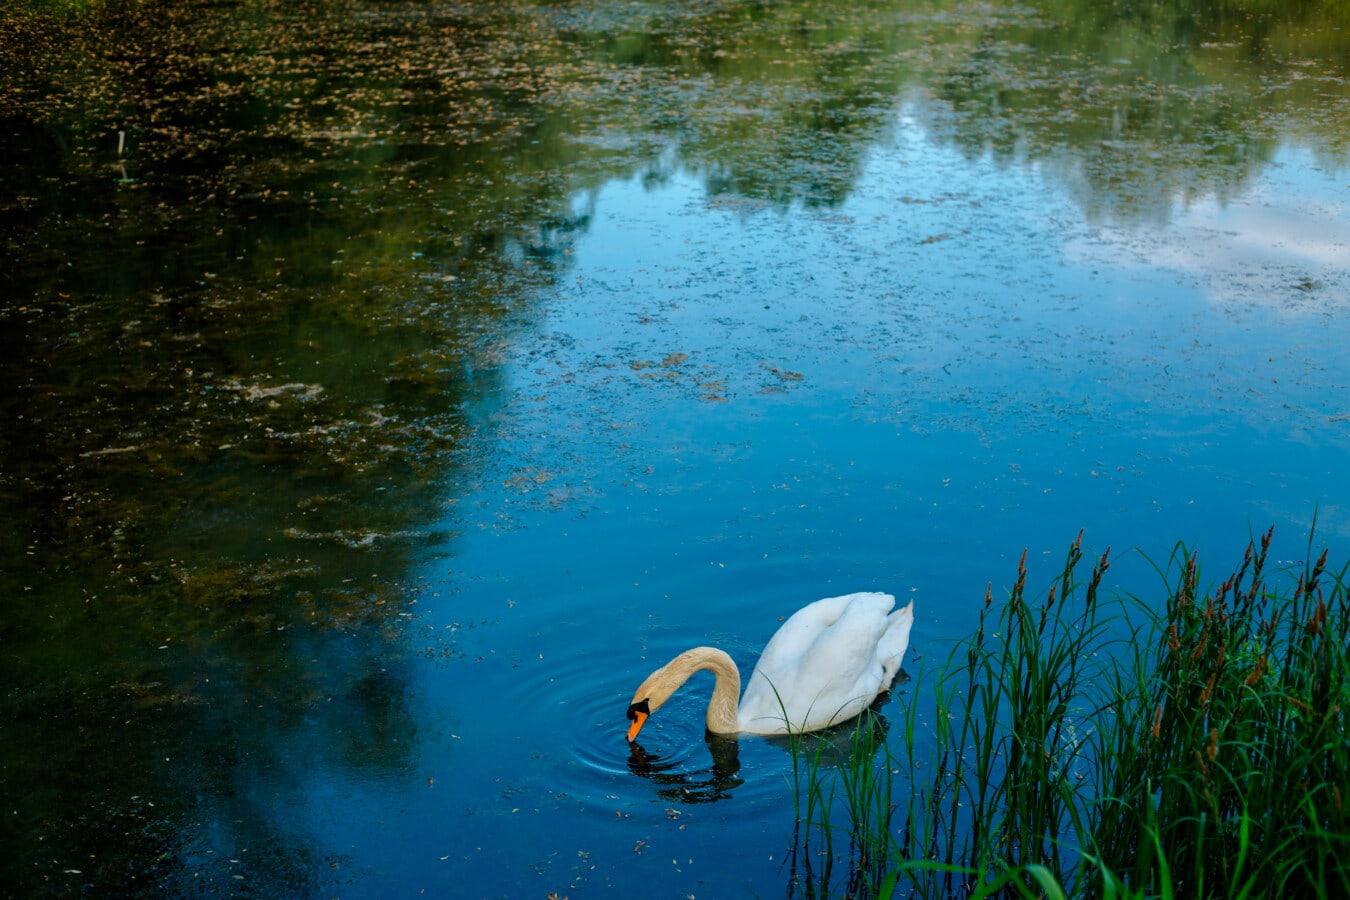 đầm lầy, thôn dã, con chim, Thiên Nga, một mình, cảnh quan, hồ nước, nước, wading chim, thủy sản chim